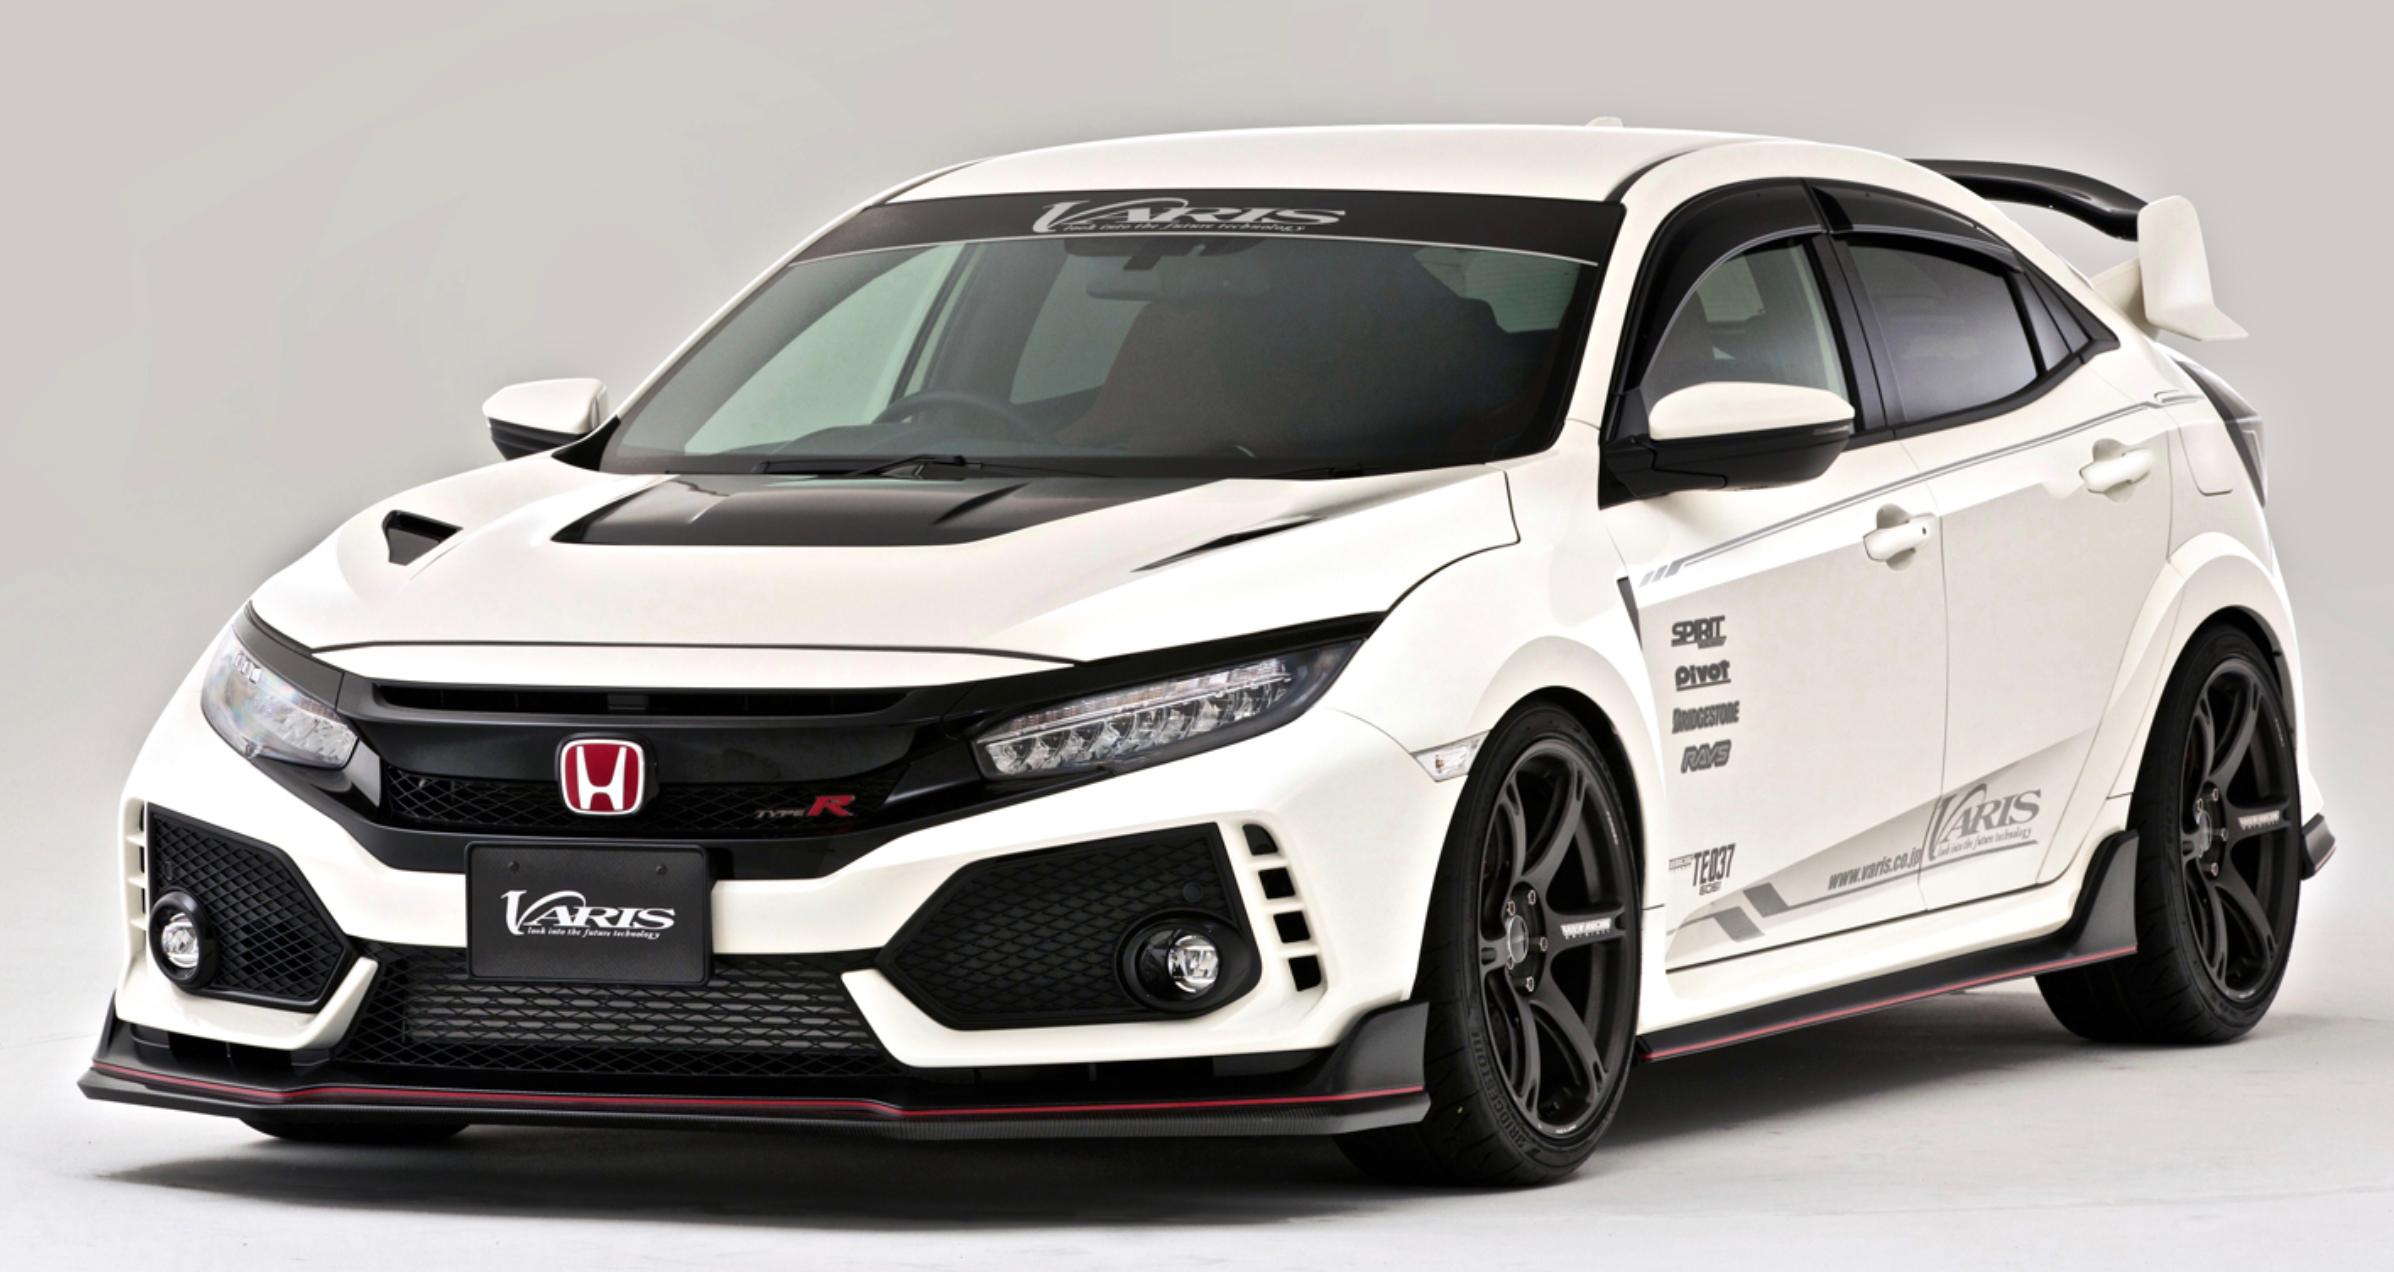 Kelebihan Kekurangan Honda Civic Fk8 Top Model Tahun Ini